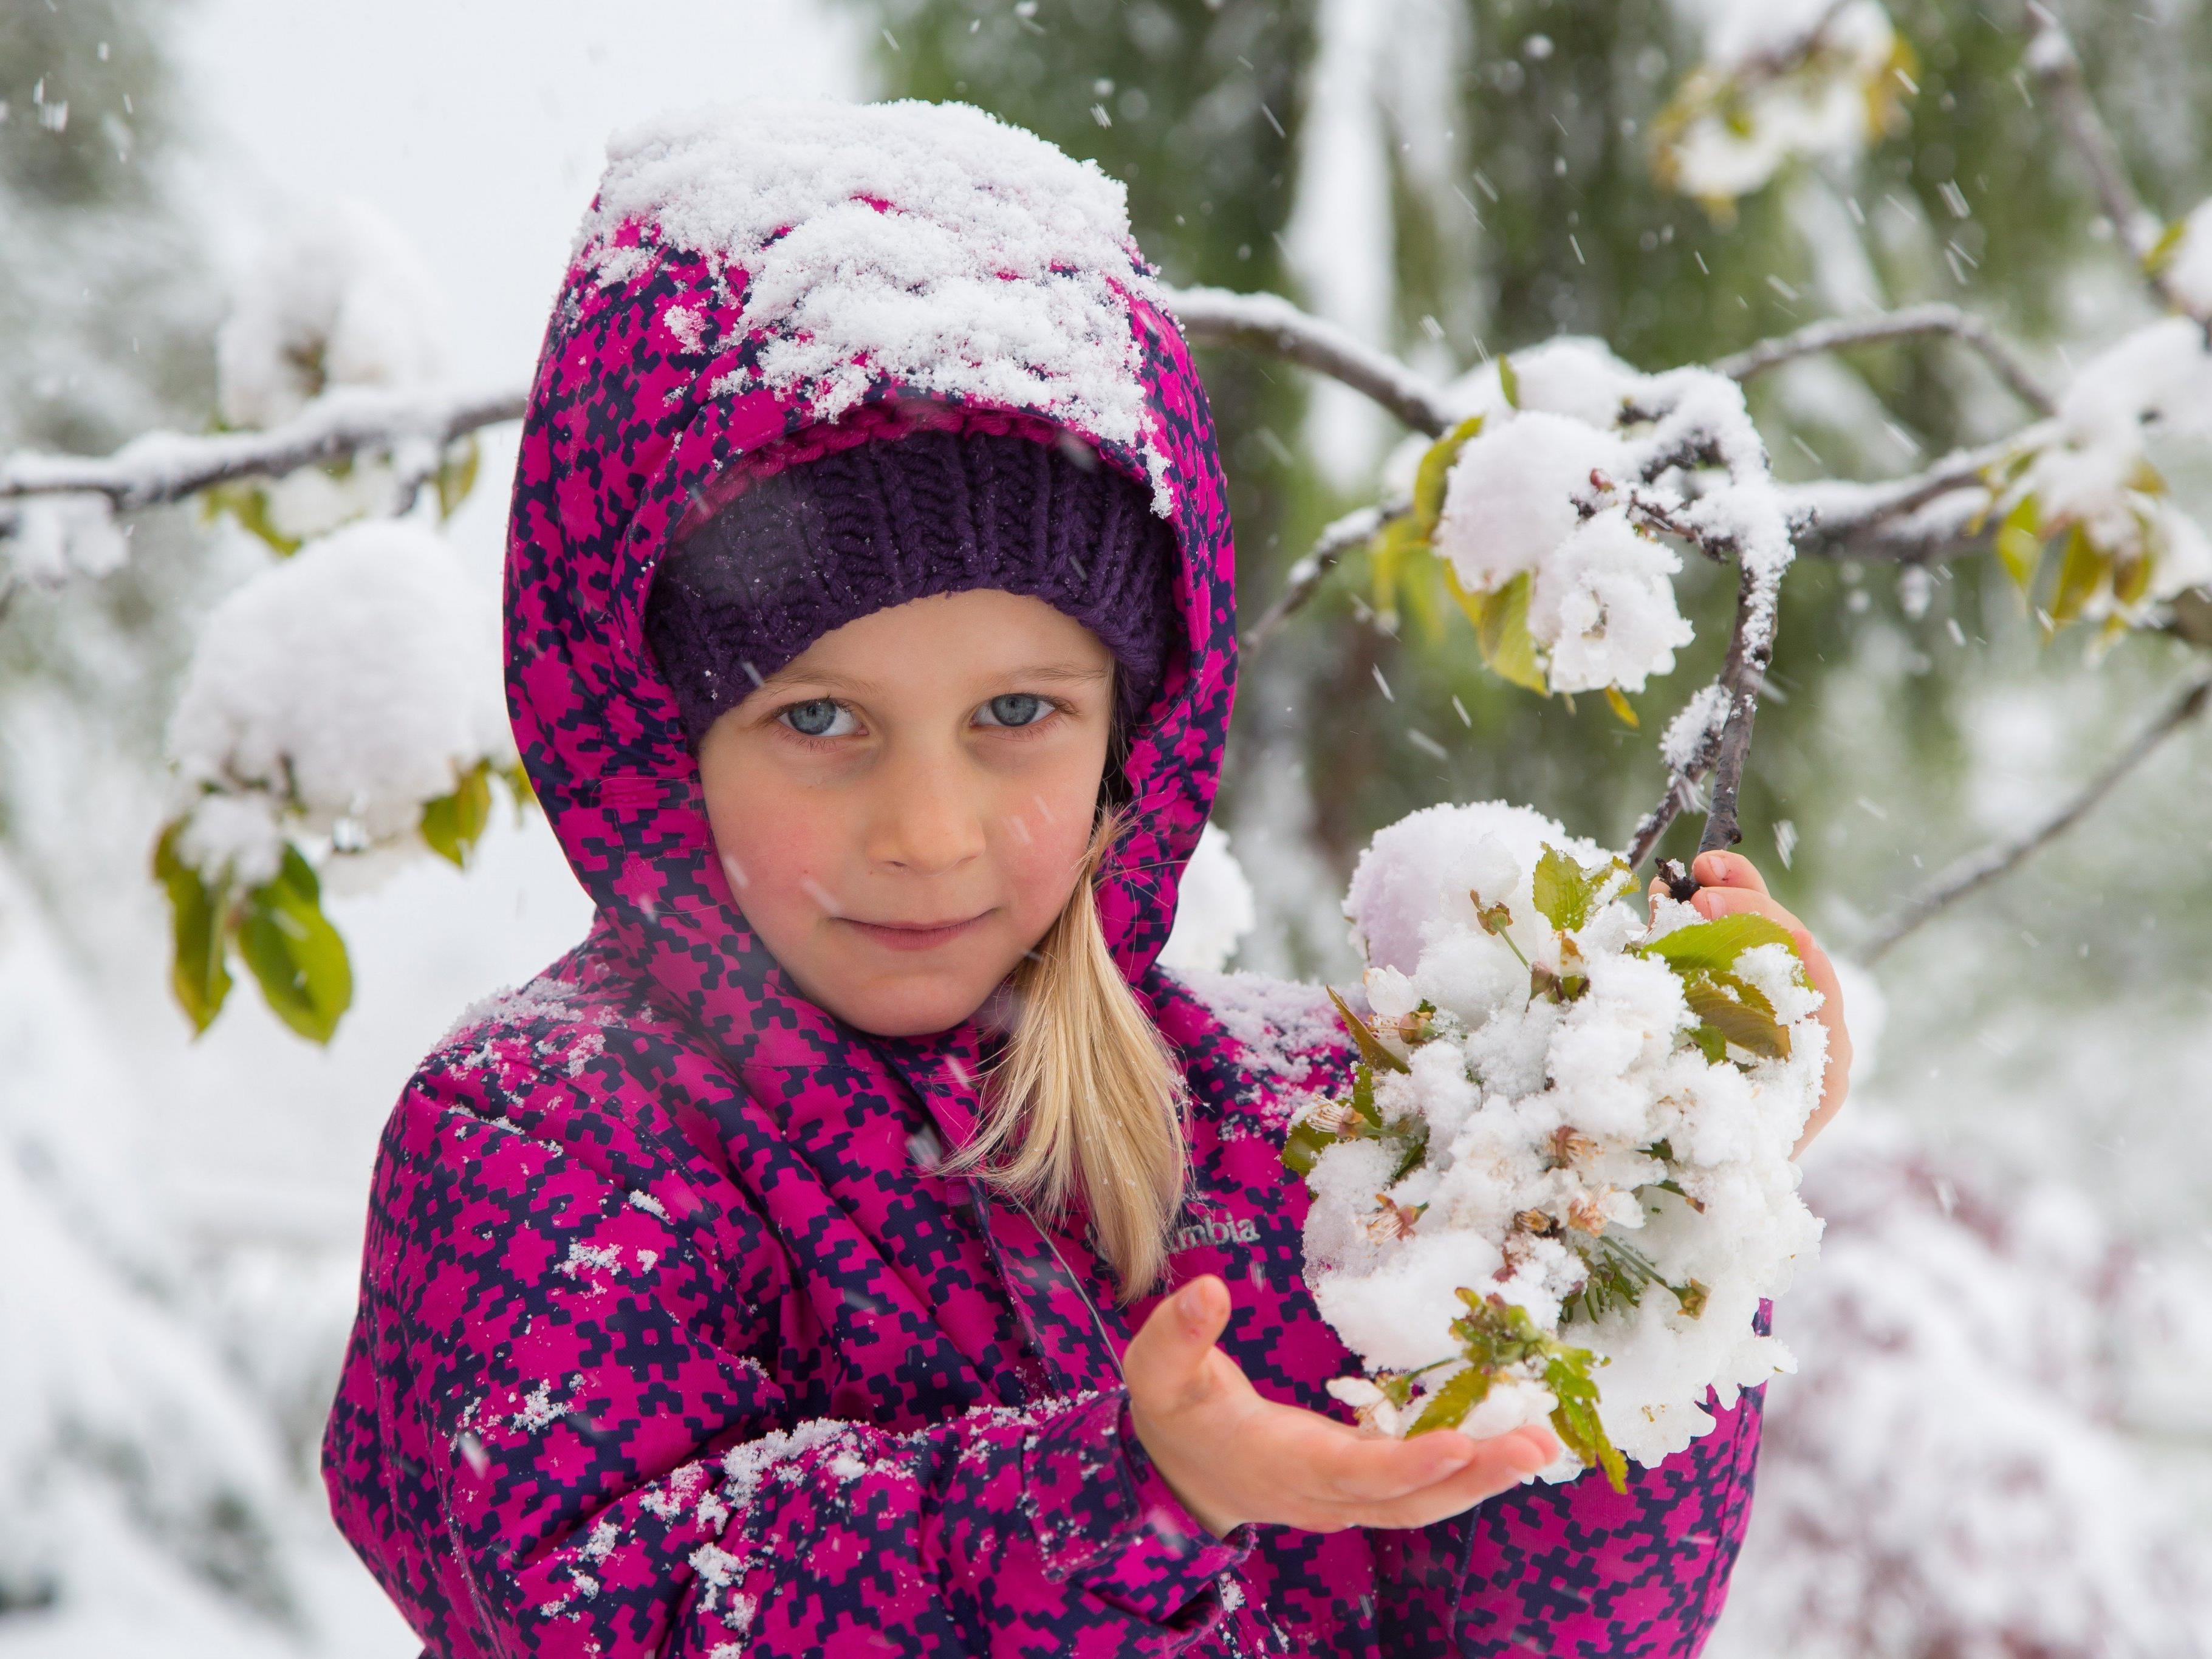 Auch in den nächsten Tagen kann es in Vorarlberg zu Schneefällen kommen.